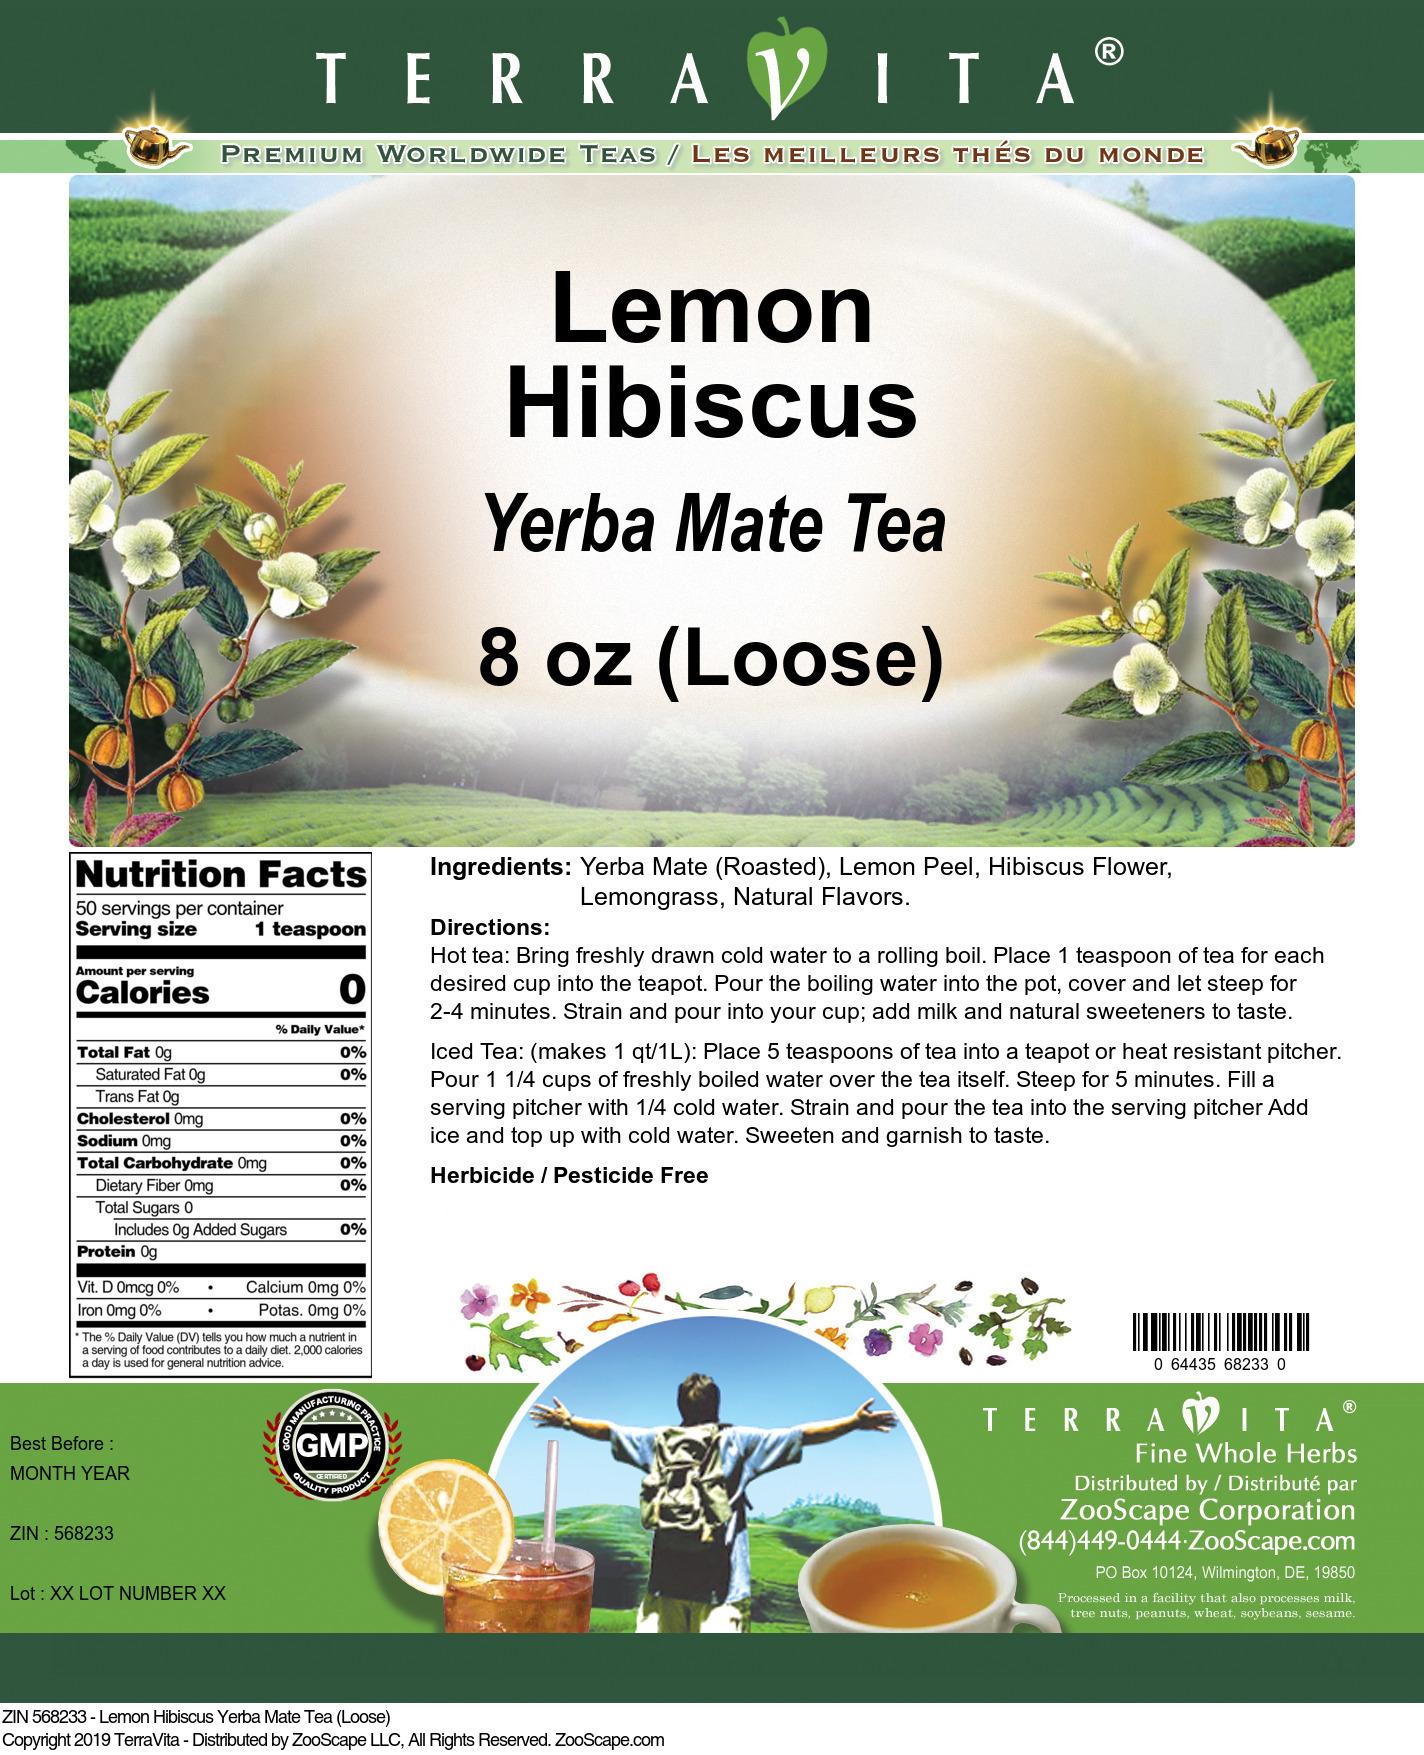 Lemon Hibiscus Yerba Mate Tea (Loose)